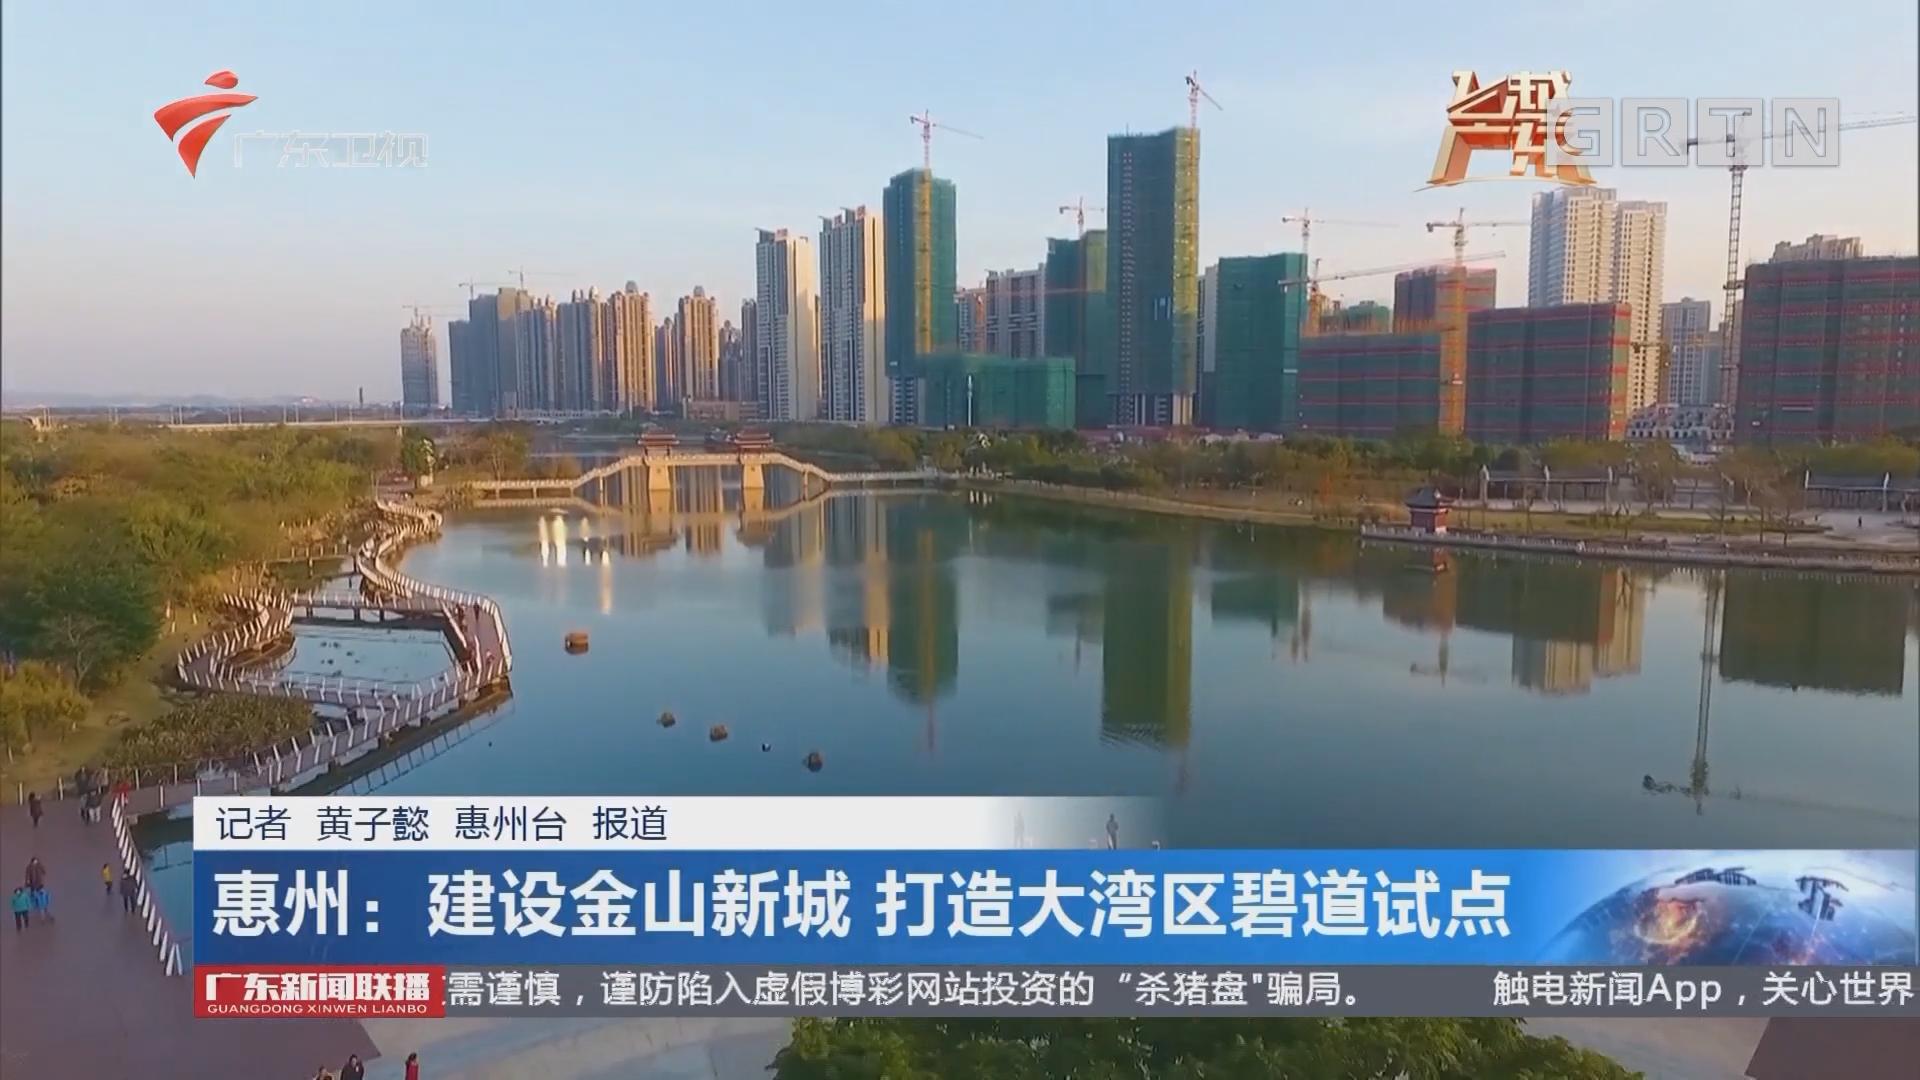 惠州:建设金山新城 打造大湾区碧道试点